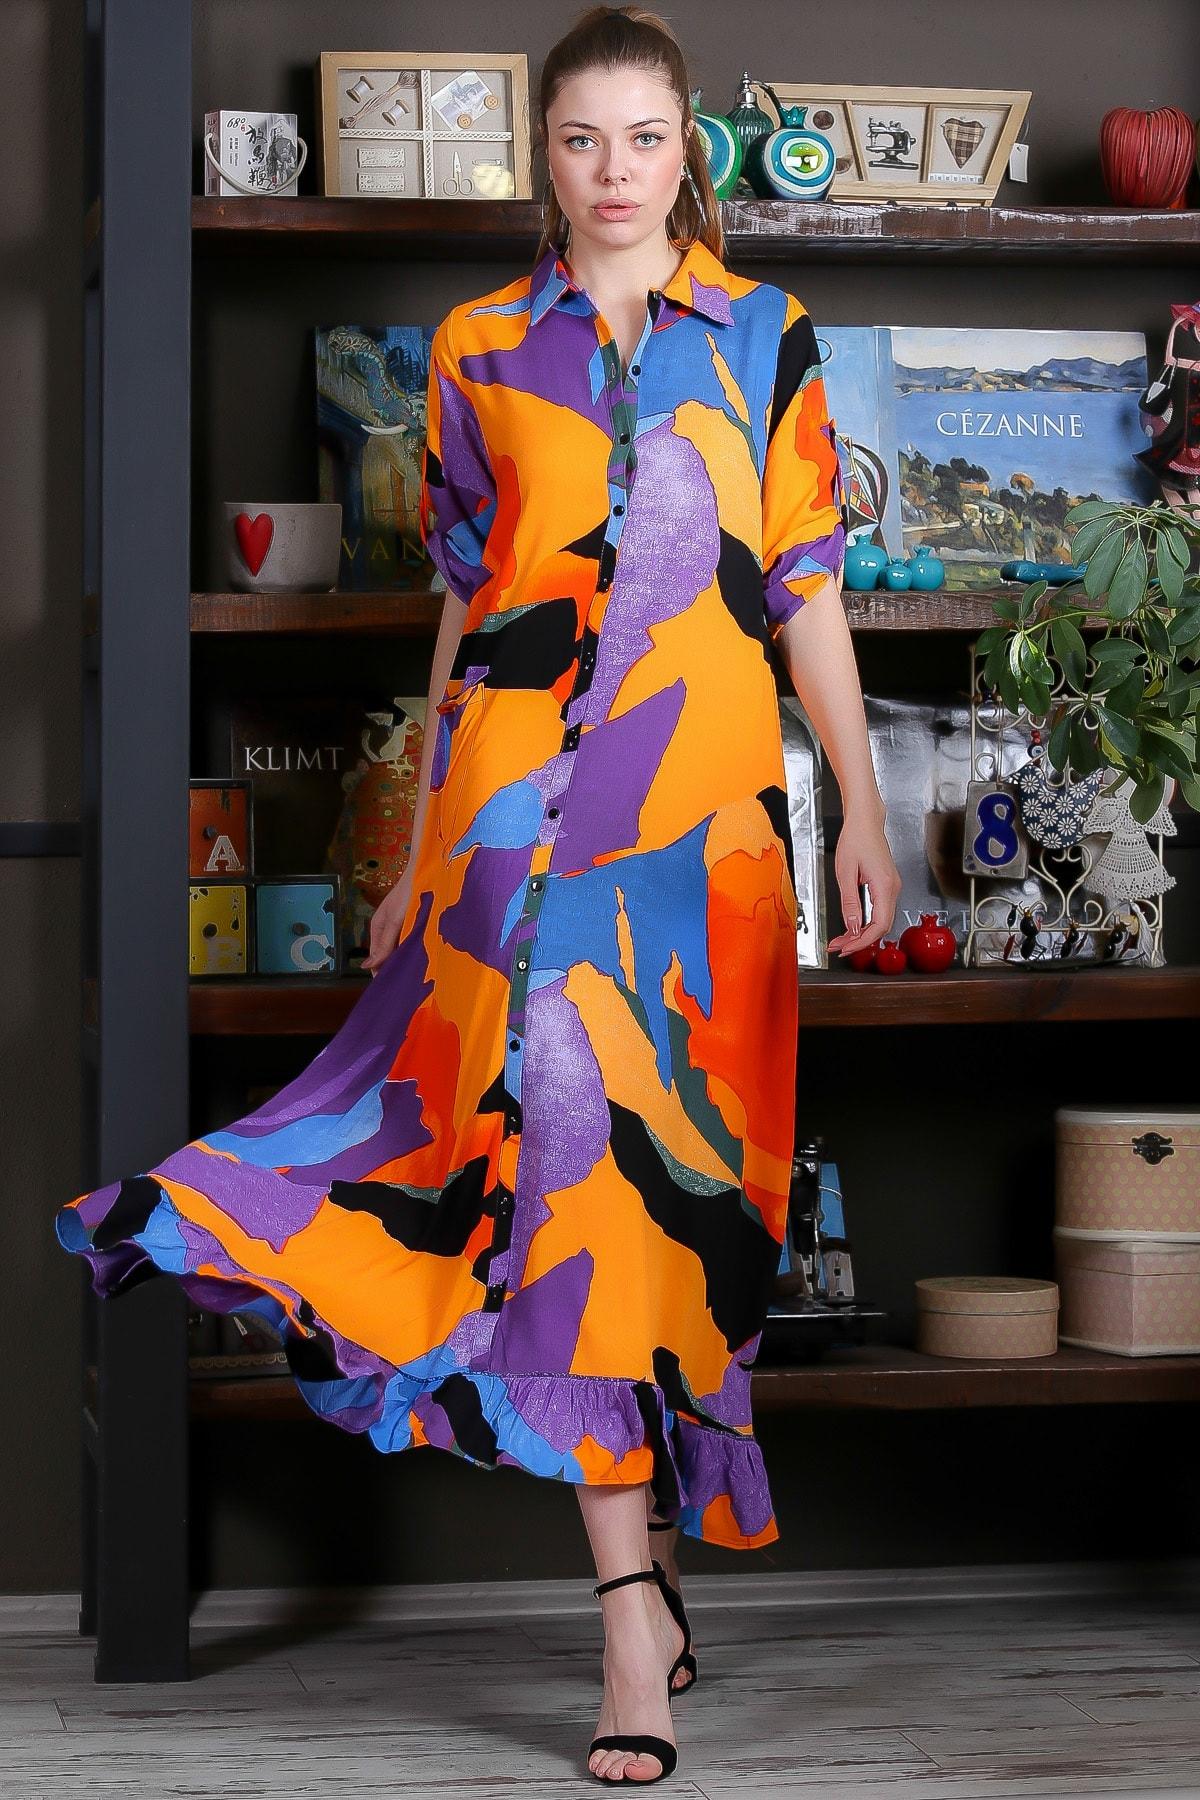 Chiccy Kadın Turuncu-Mavi Kübist Desen Düğme Detaylı Etek Ucu Fırfırlı Uzun Gömlek Elbise M10160000EL95462 0